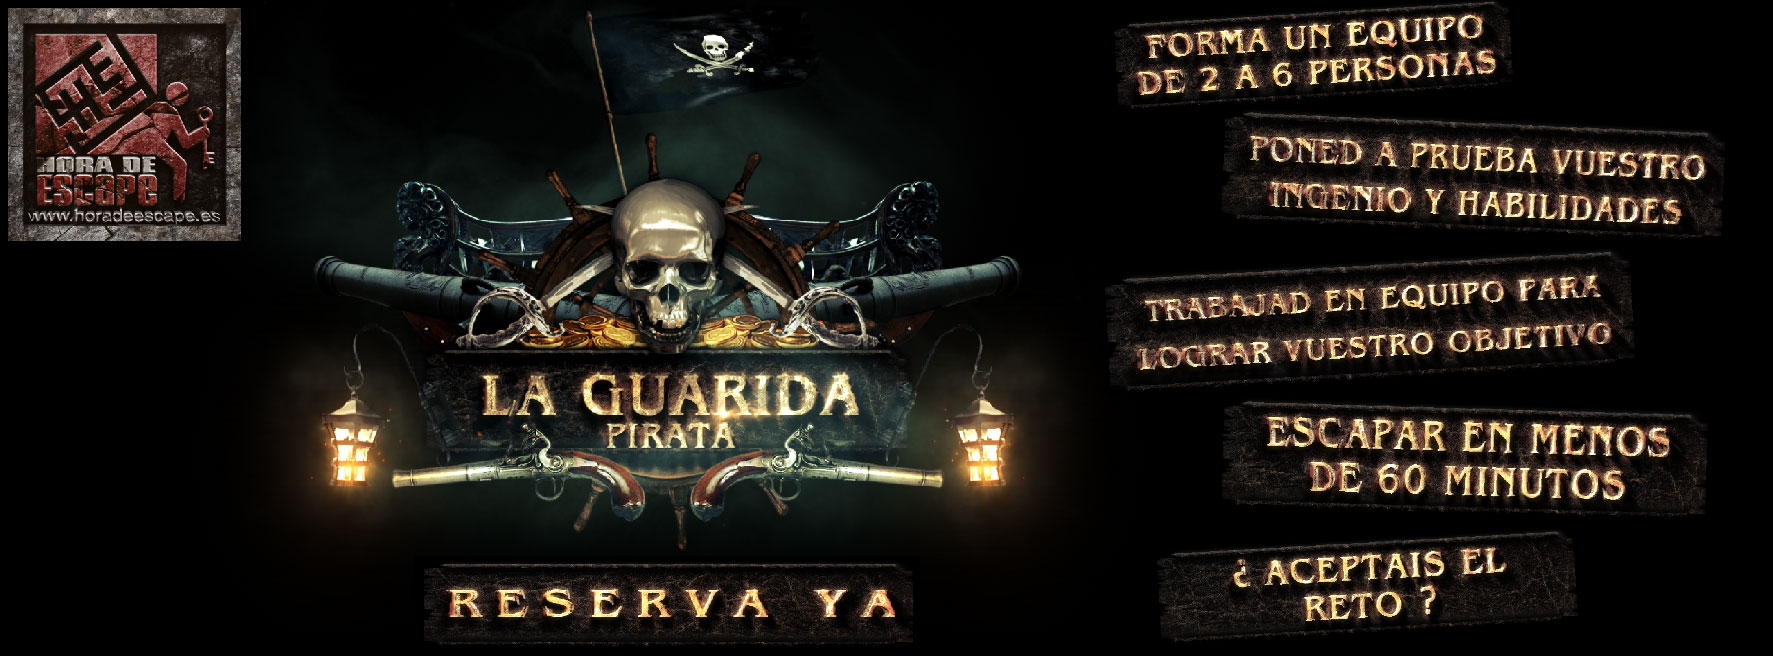 La guarida pirata